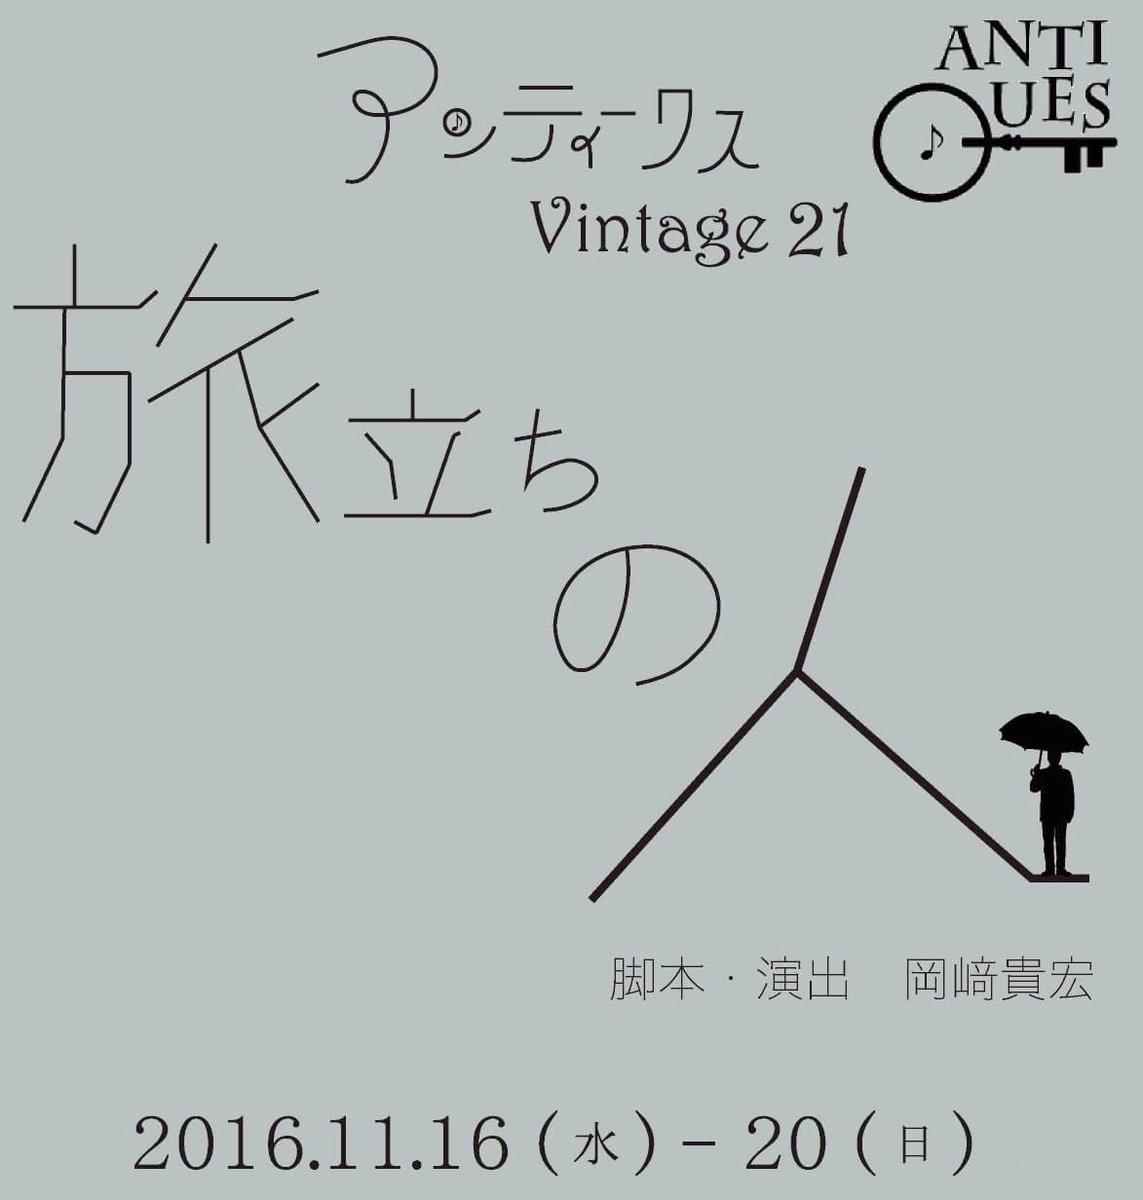 """みずぐち on twitter: """"【明日予約開始!】 アンティークスvintage21"""